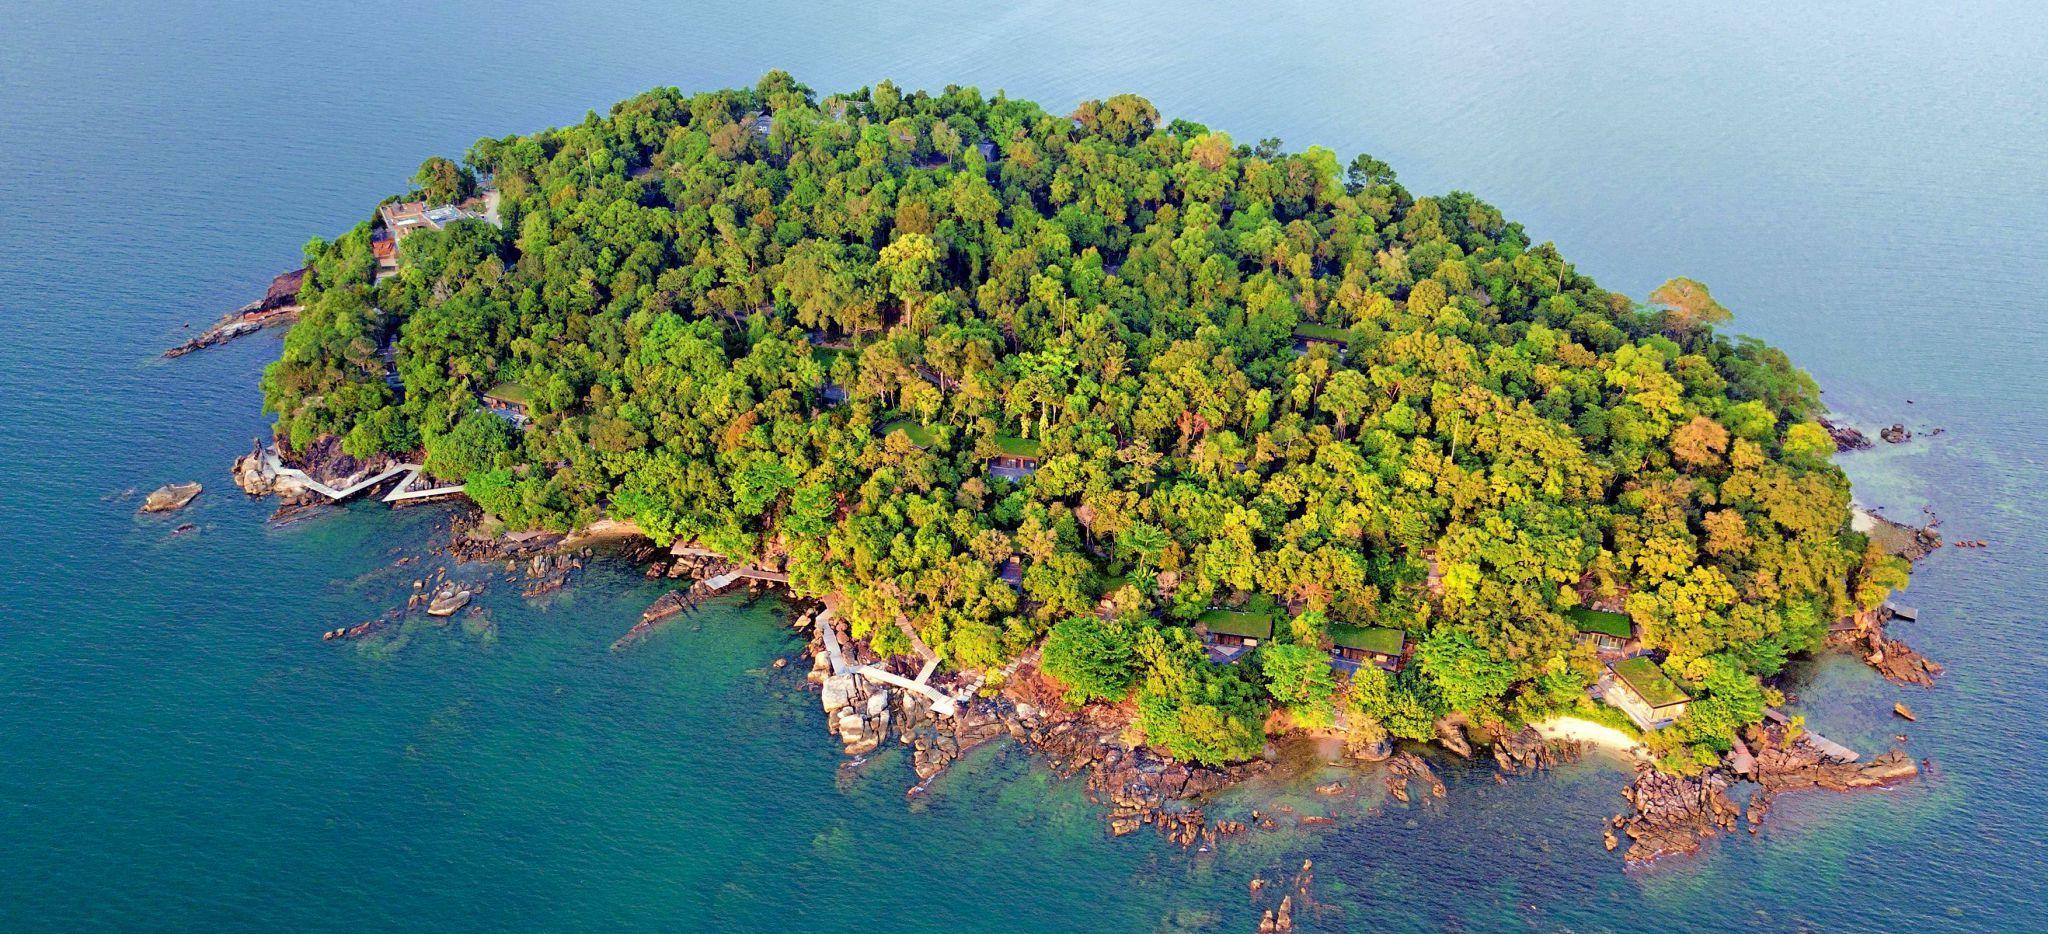 Luftaufnahme der mit Dschungel bewachsenen Insel Krabey Island